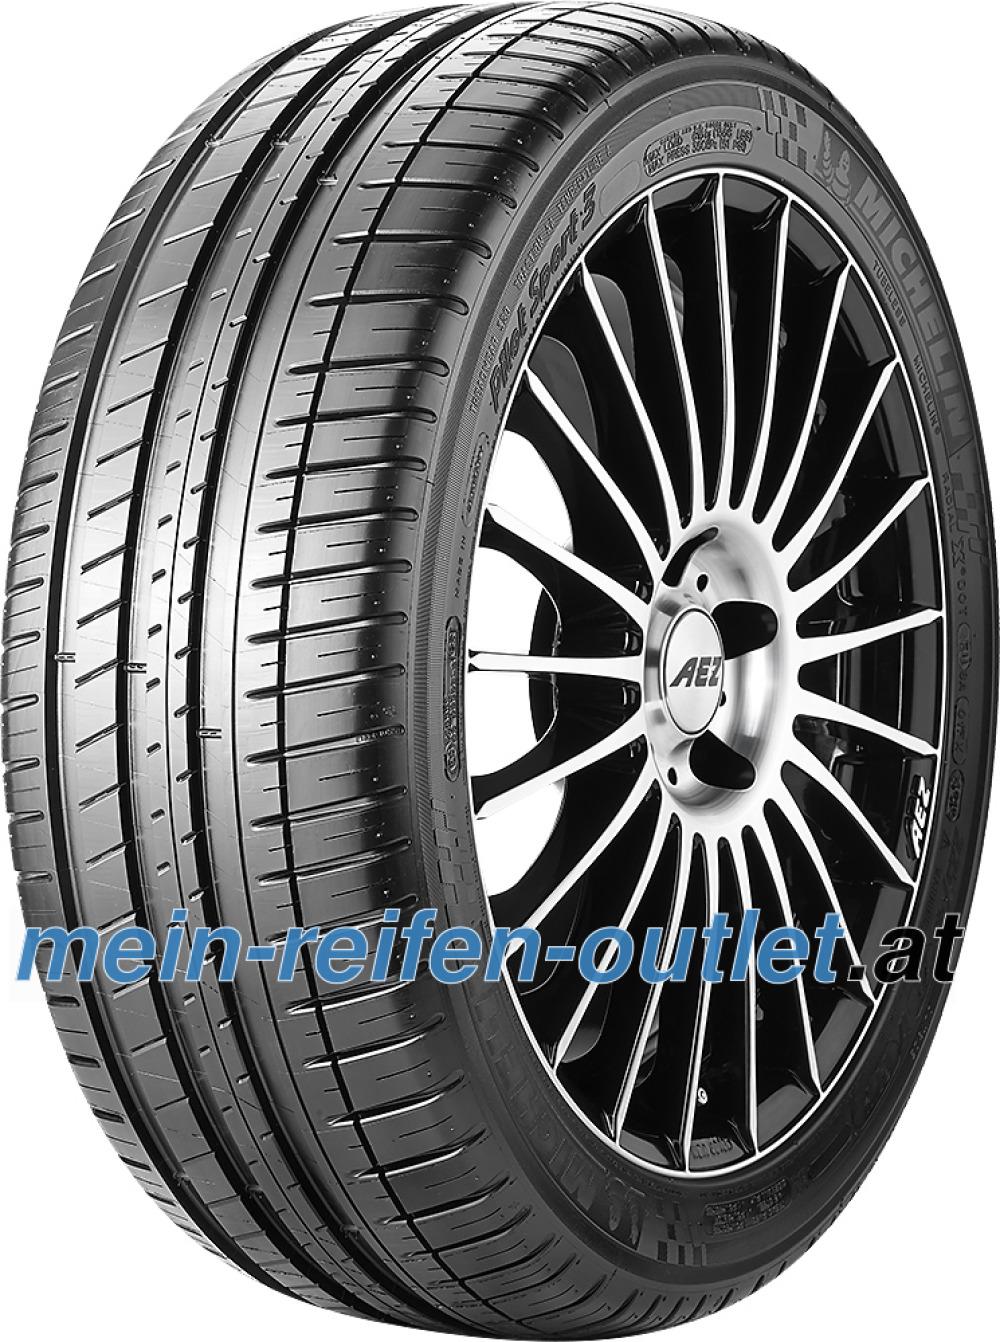 Michelin Pilot Sport 3 ( P195/45 R16 84V XL mit Felgenschutzleiste (FSL), GRNX )